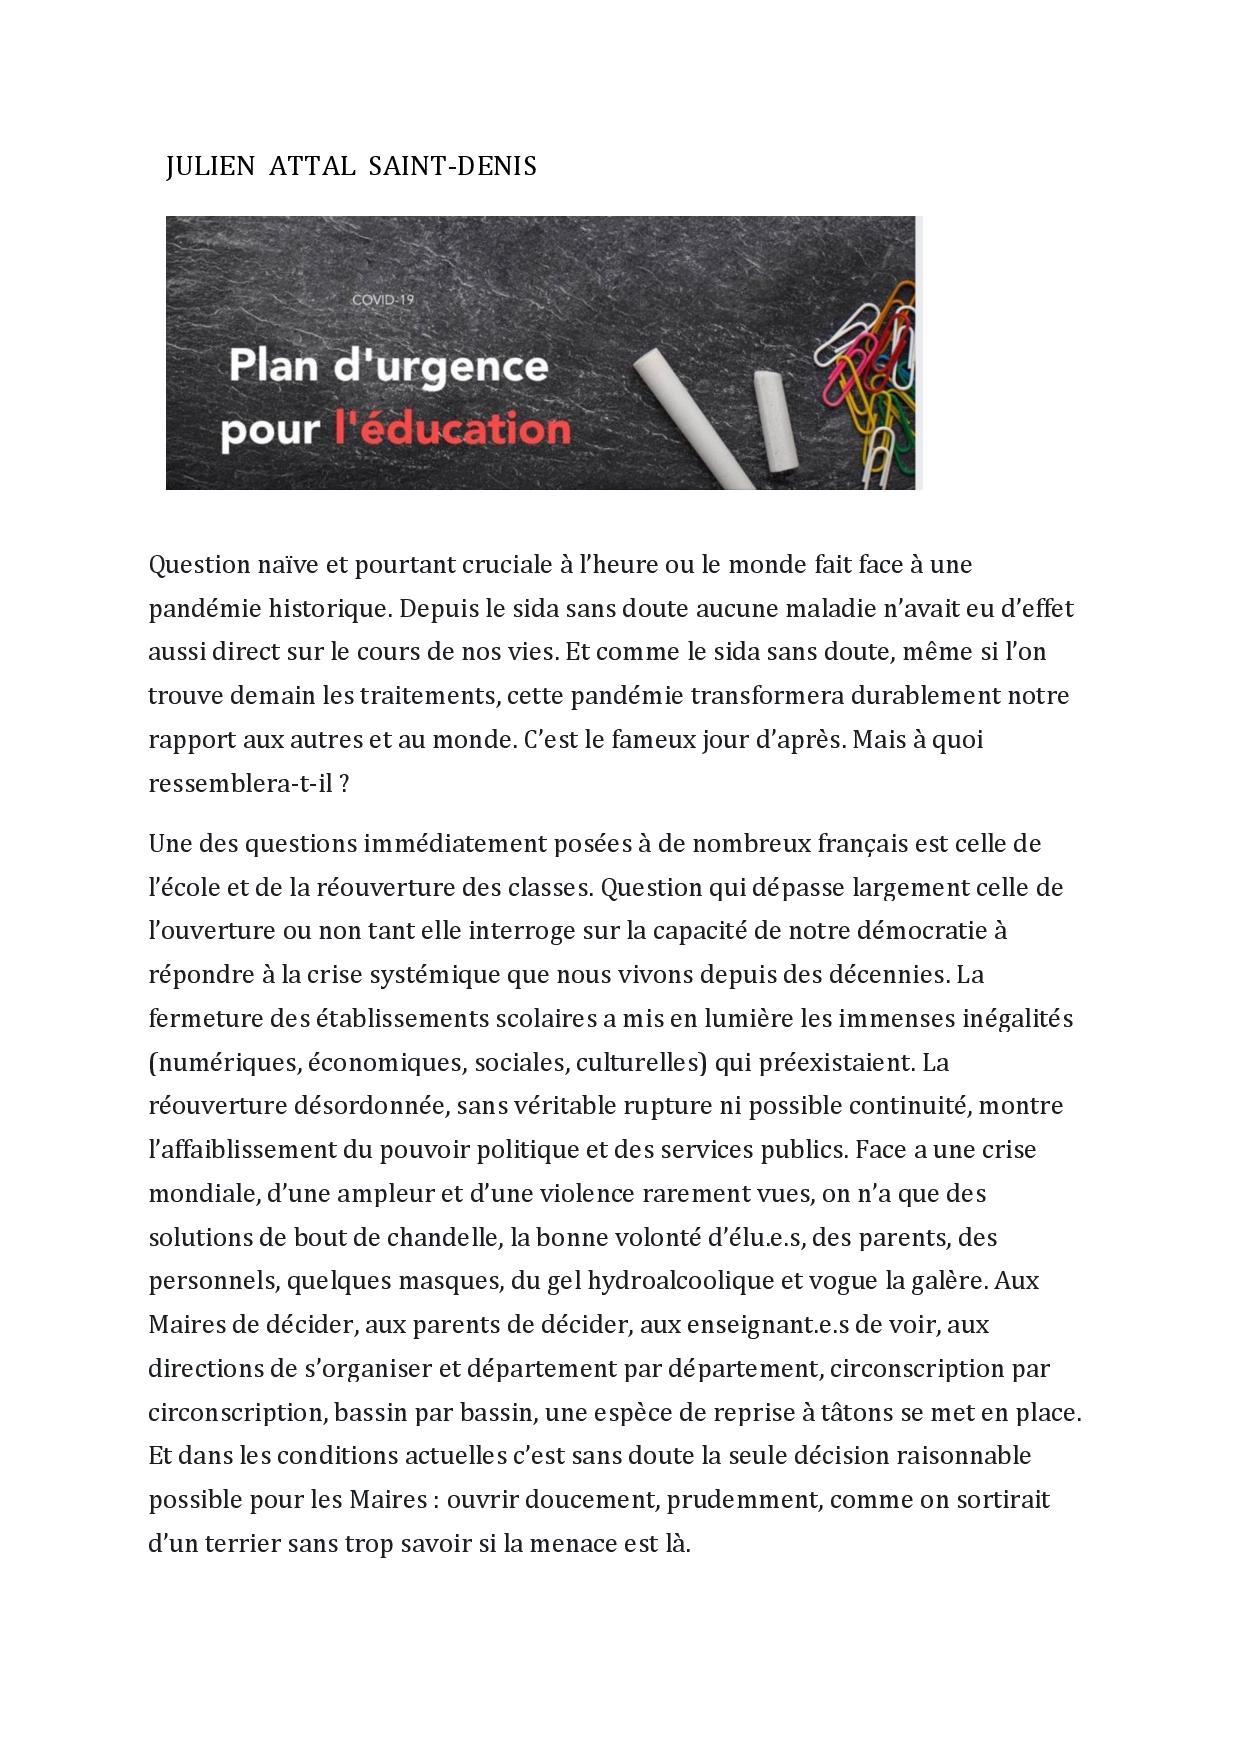 Et_si_on_faisait_face_à_la_crise_ensemble_bis-page-001.jpg